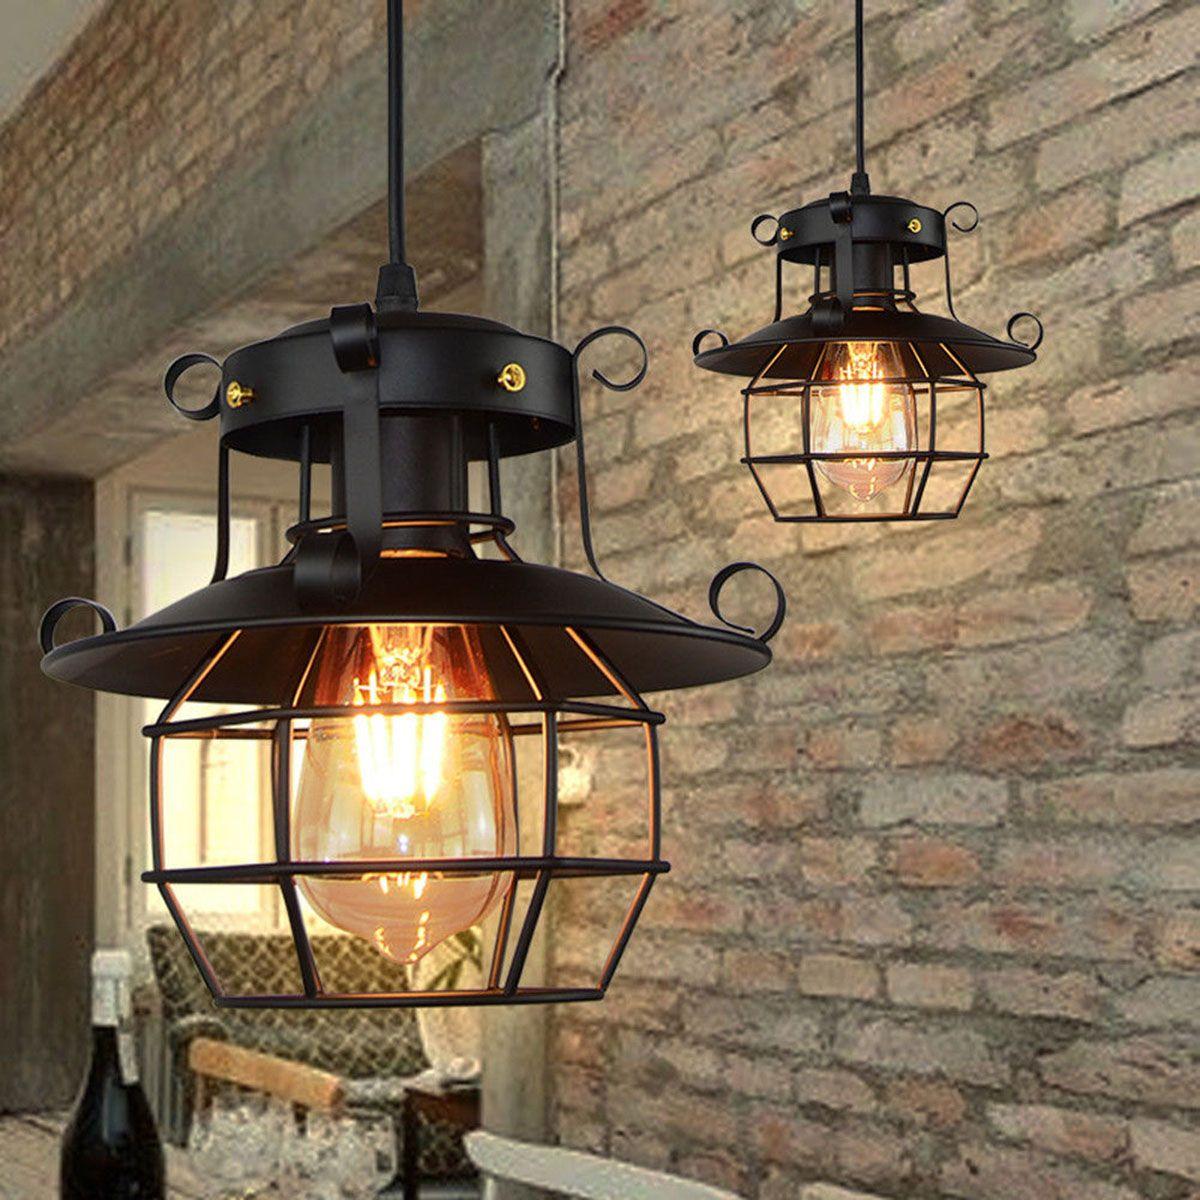 Lampadario industriale a sospensione vintage lampada da soffitto lampada da soffitto lampada a soffitto lampadario per lampadario per lampadario Nordico